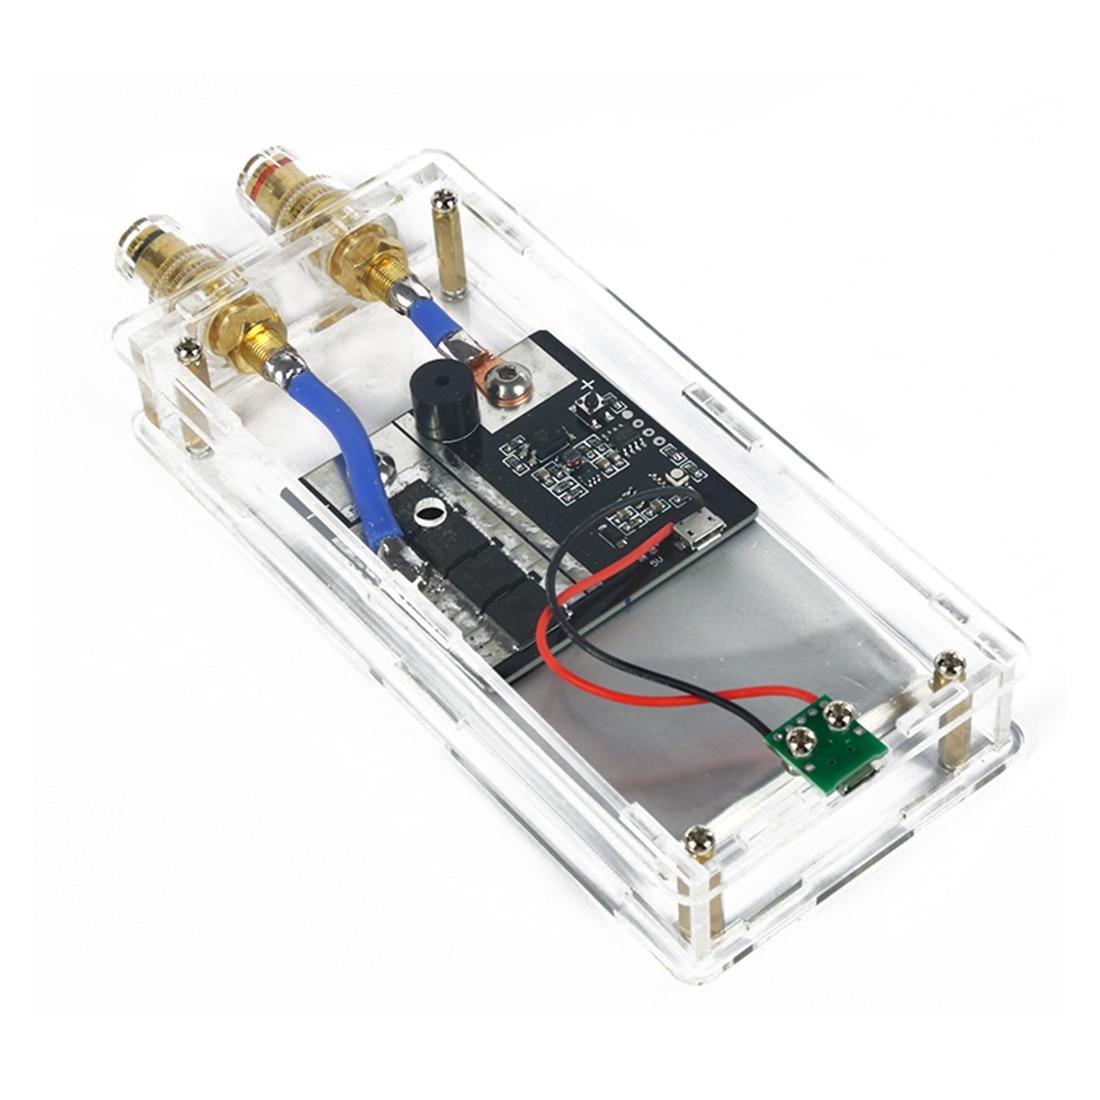 DIY Portable Spot Welder Nickel Sheet Fara Capacitor Spot Welder For 12V Power Supply